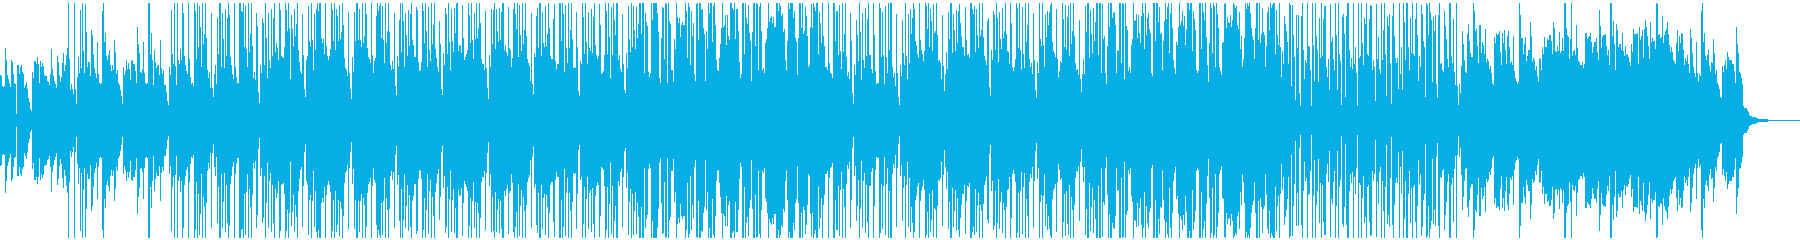 フルートが印象的なブルースっぽいジャズの再生済みの波形